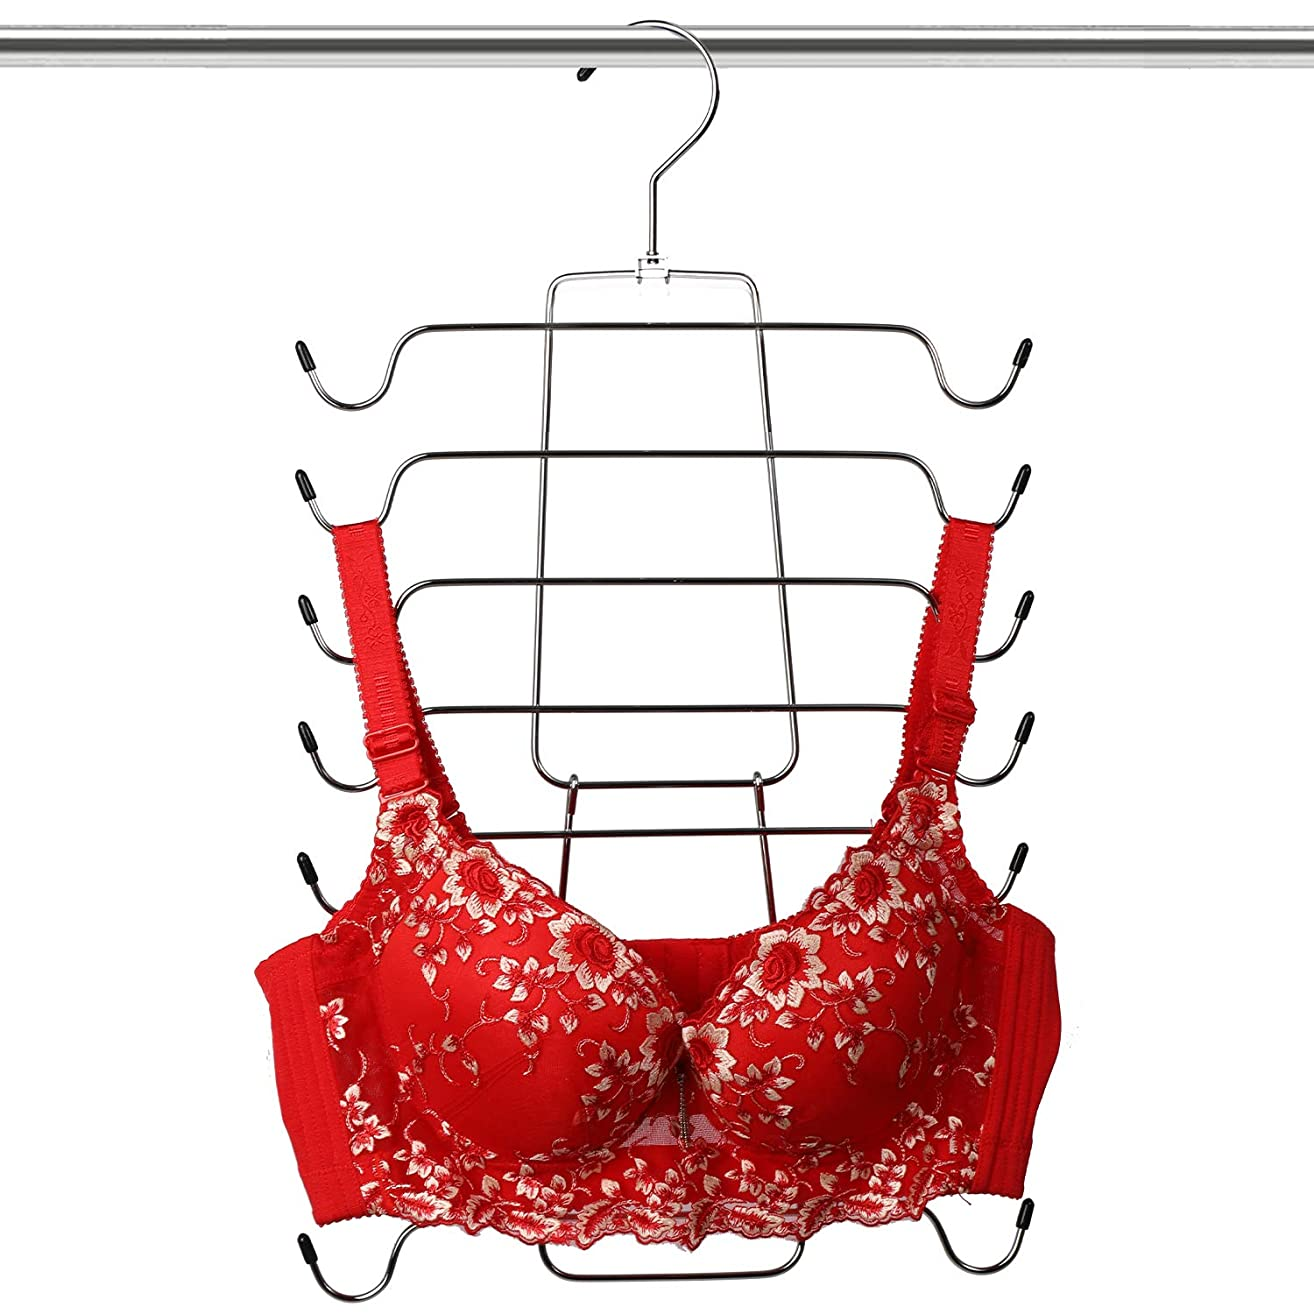 Giftol Tank Tops Hanger Metal Folding Space Saving Hanger Closet Organizer for Tank Tops, Cami, Bras, Bathing Suits, Belts, Ties